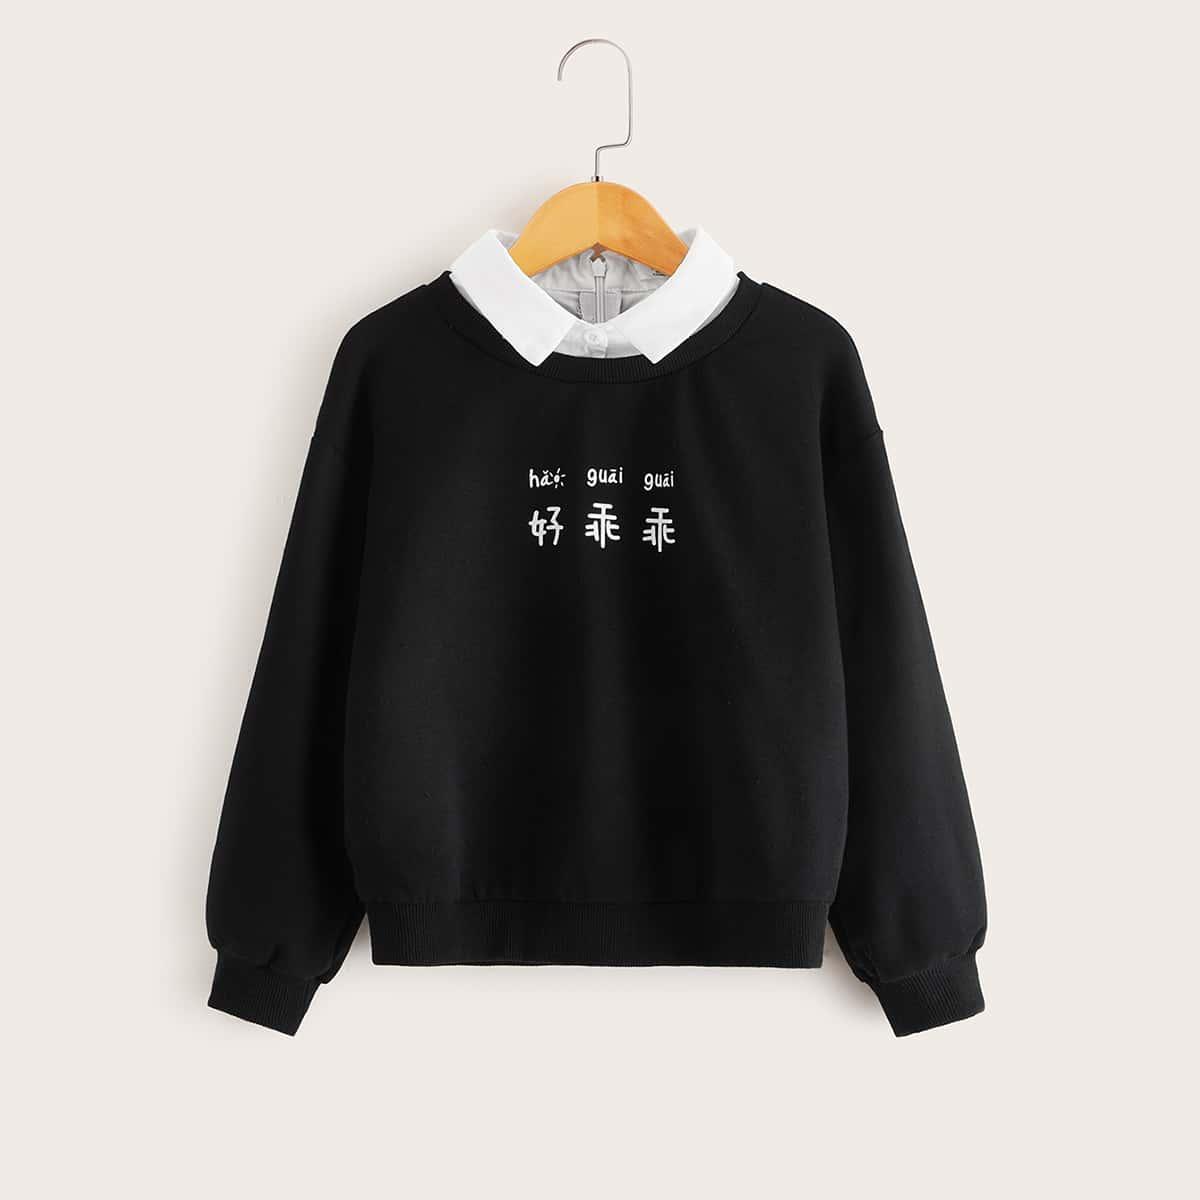 Пуловер с контрастным воротником и принтом китайских иероглифов от SHEIN